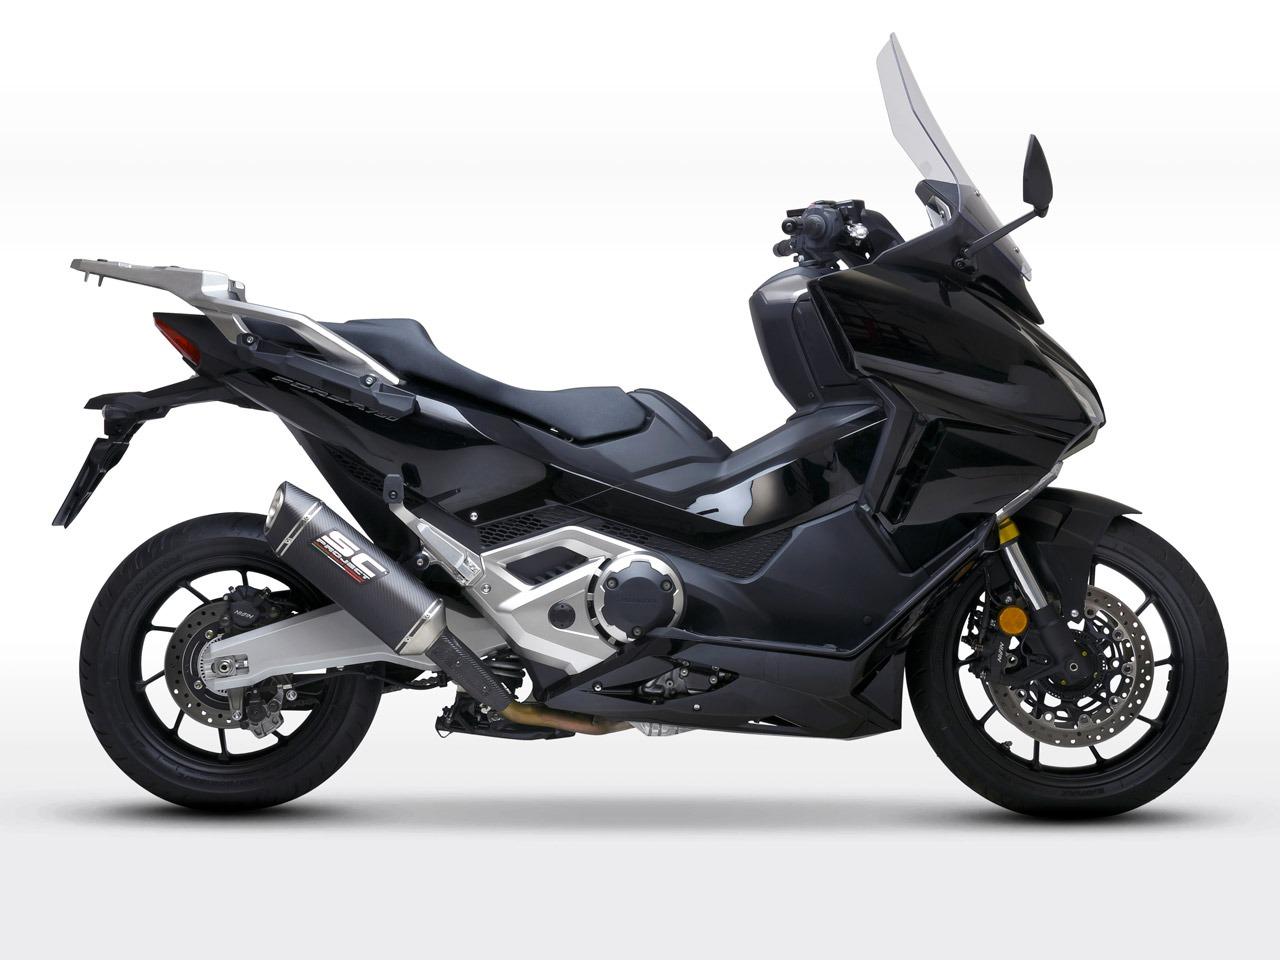 Honda_Forza750_my2021_SC1S-Carbonio_Lato_1280x960px_web-partnership